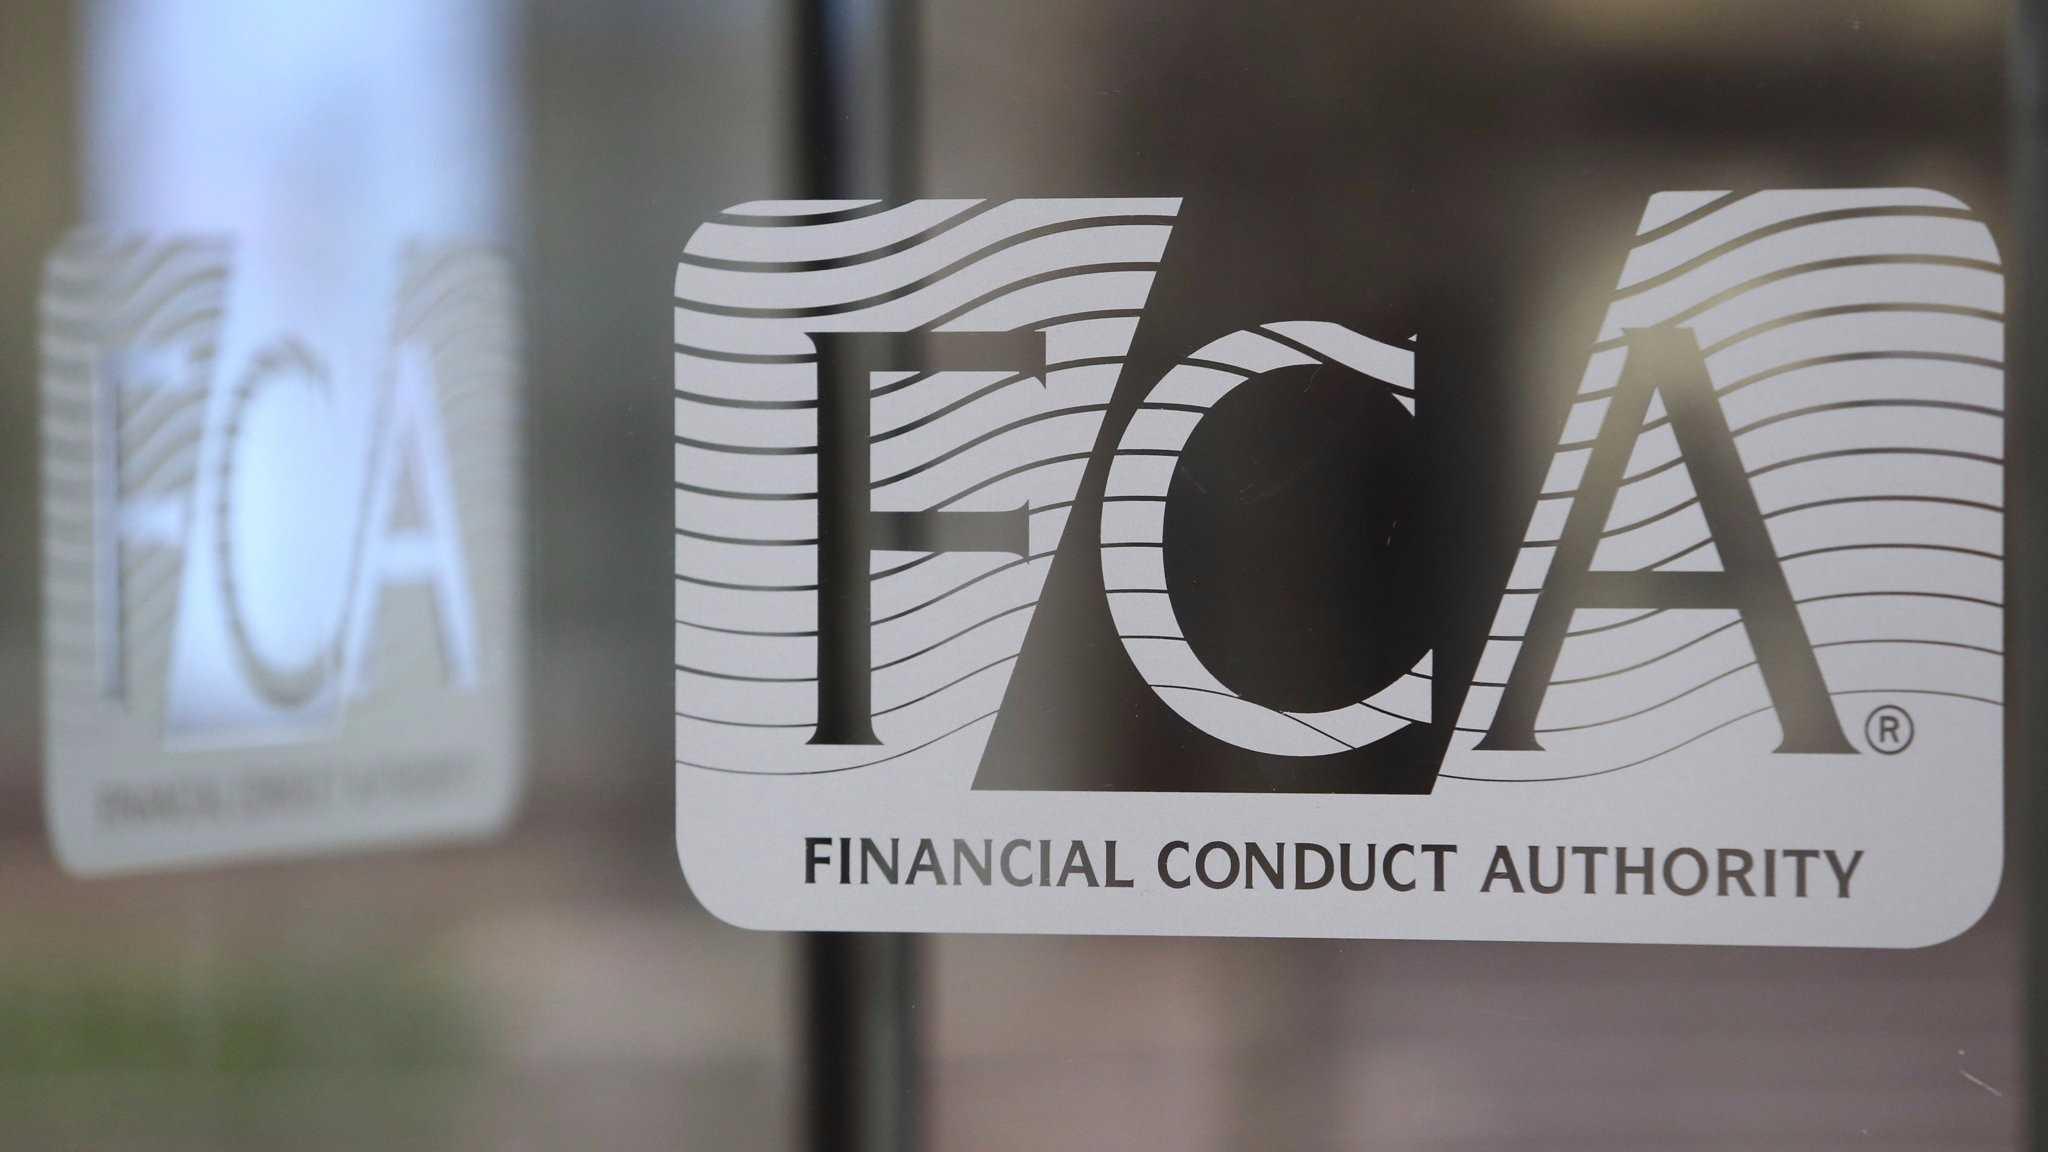 Блокчейн стартапы в Англии испытывают проблемы с банковскими услугами